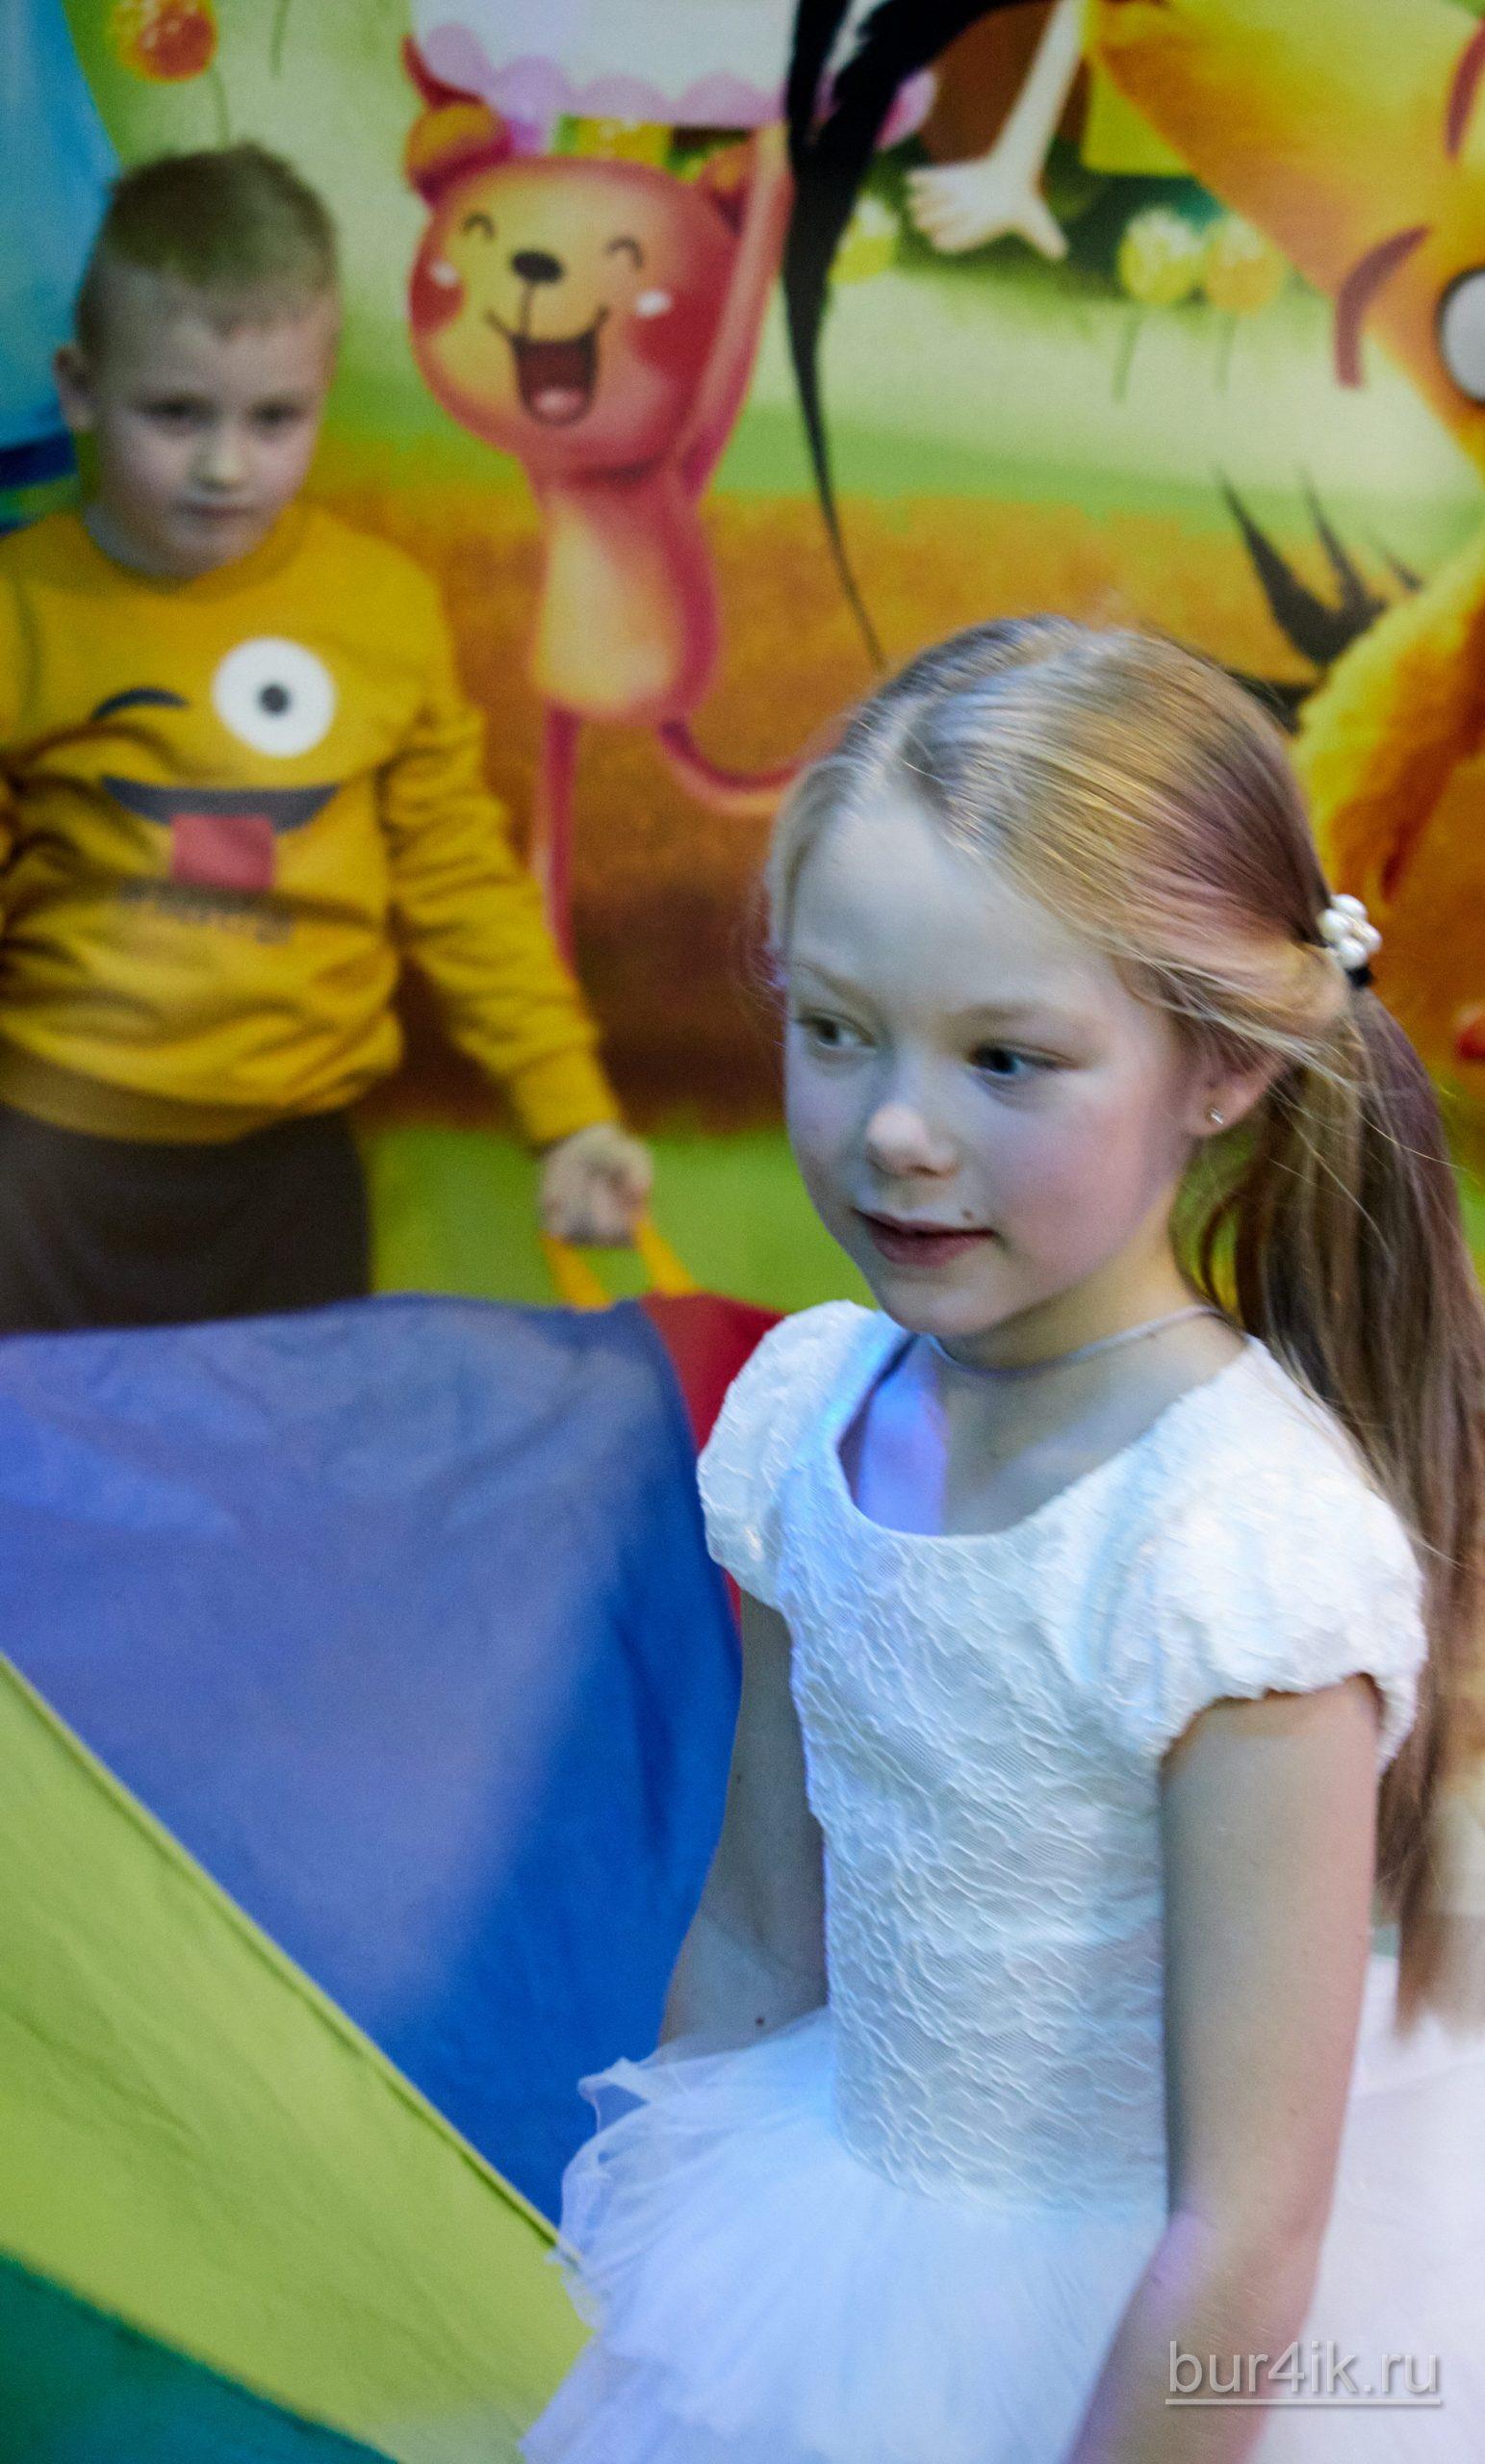 Фото Детское День Рождения в Детский Дворик 15.01.2020 №221 -photo- bur4ik.ru